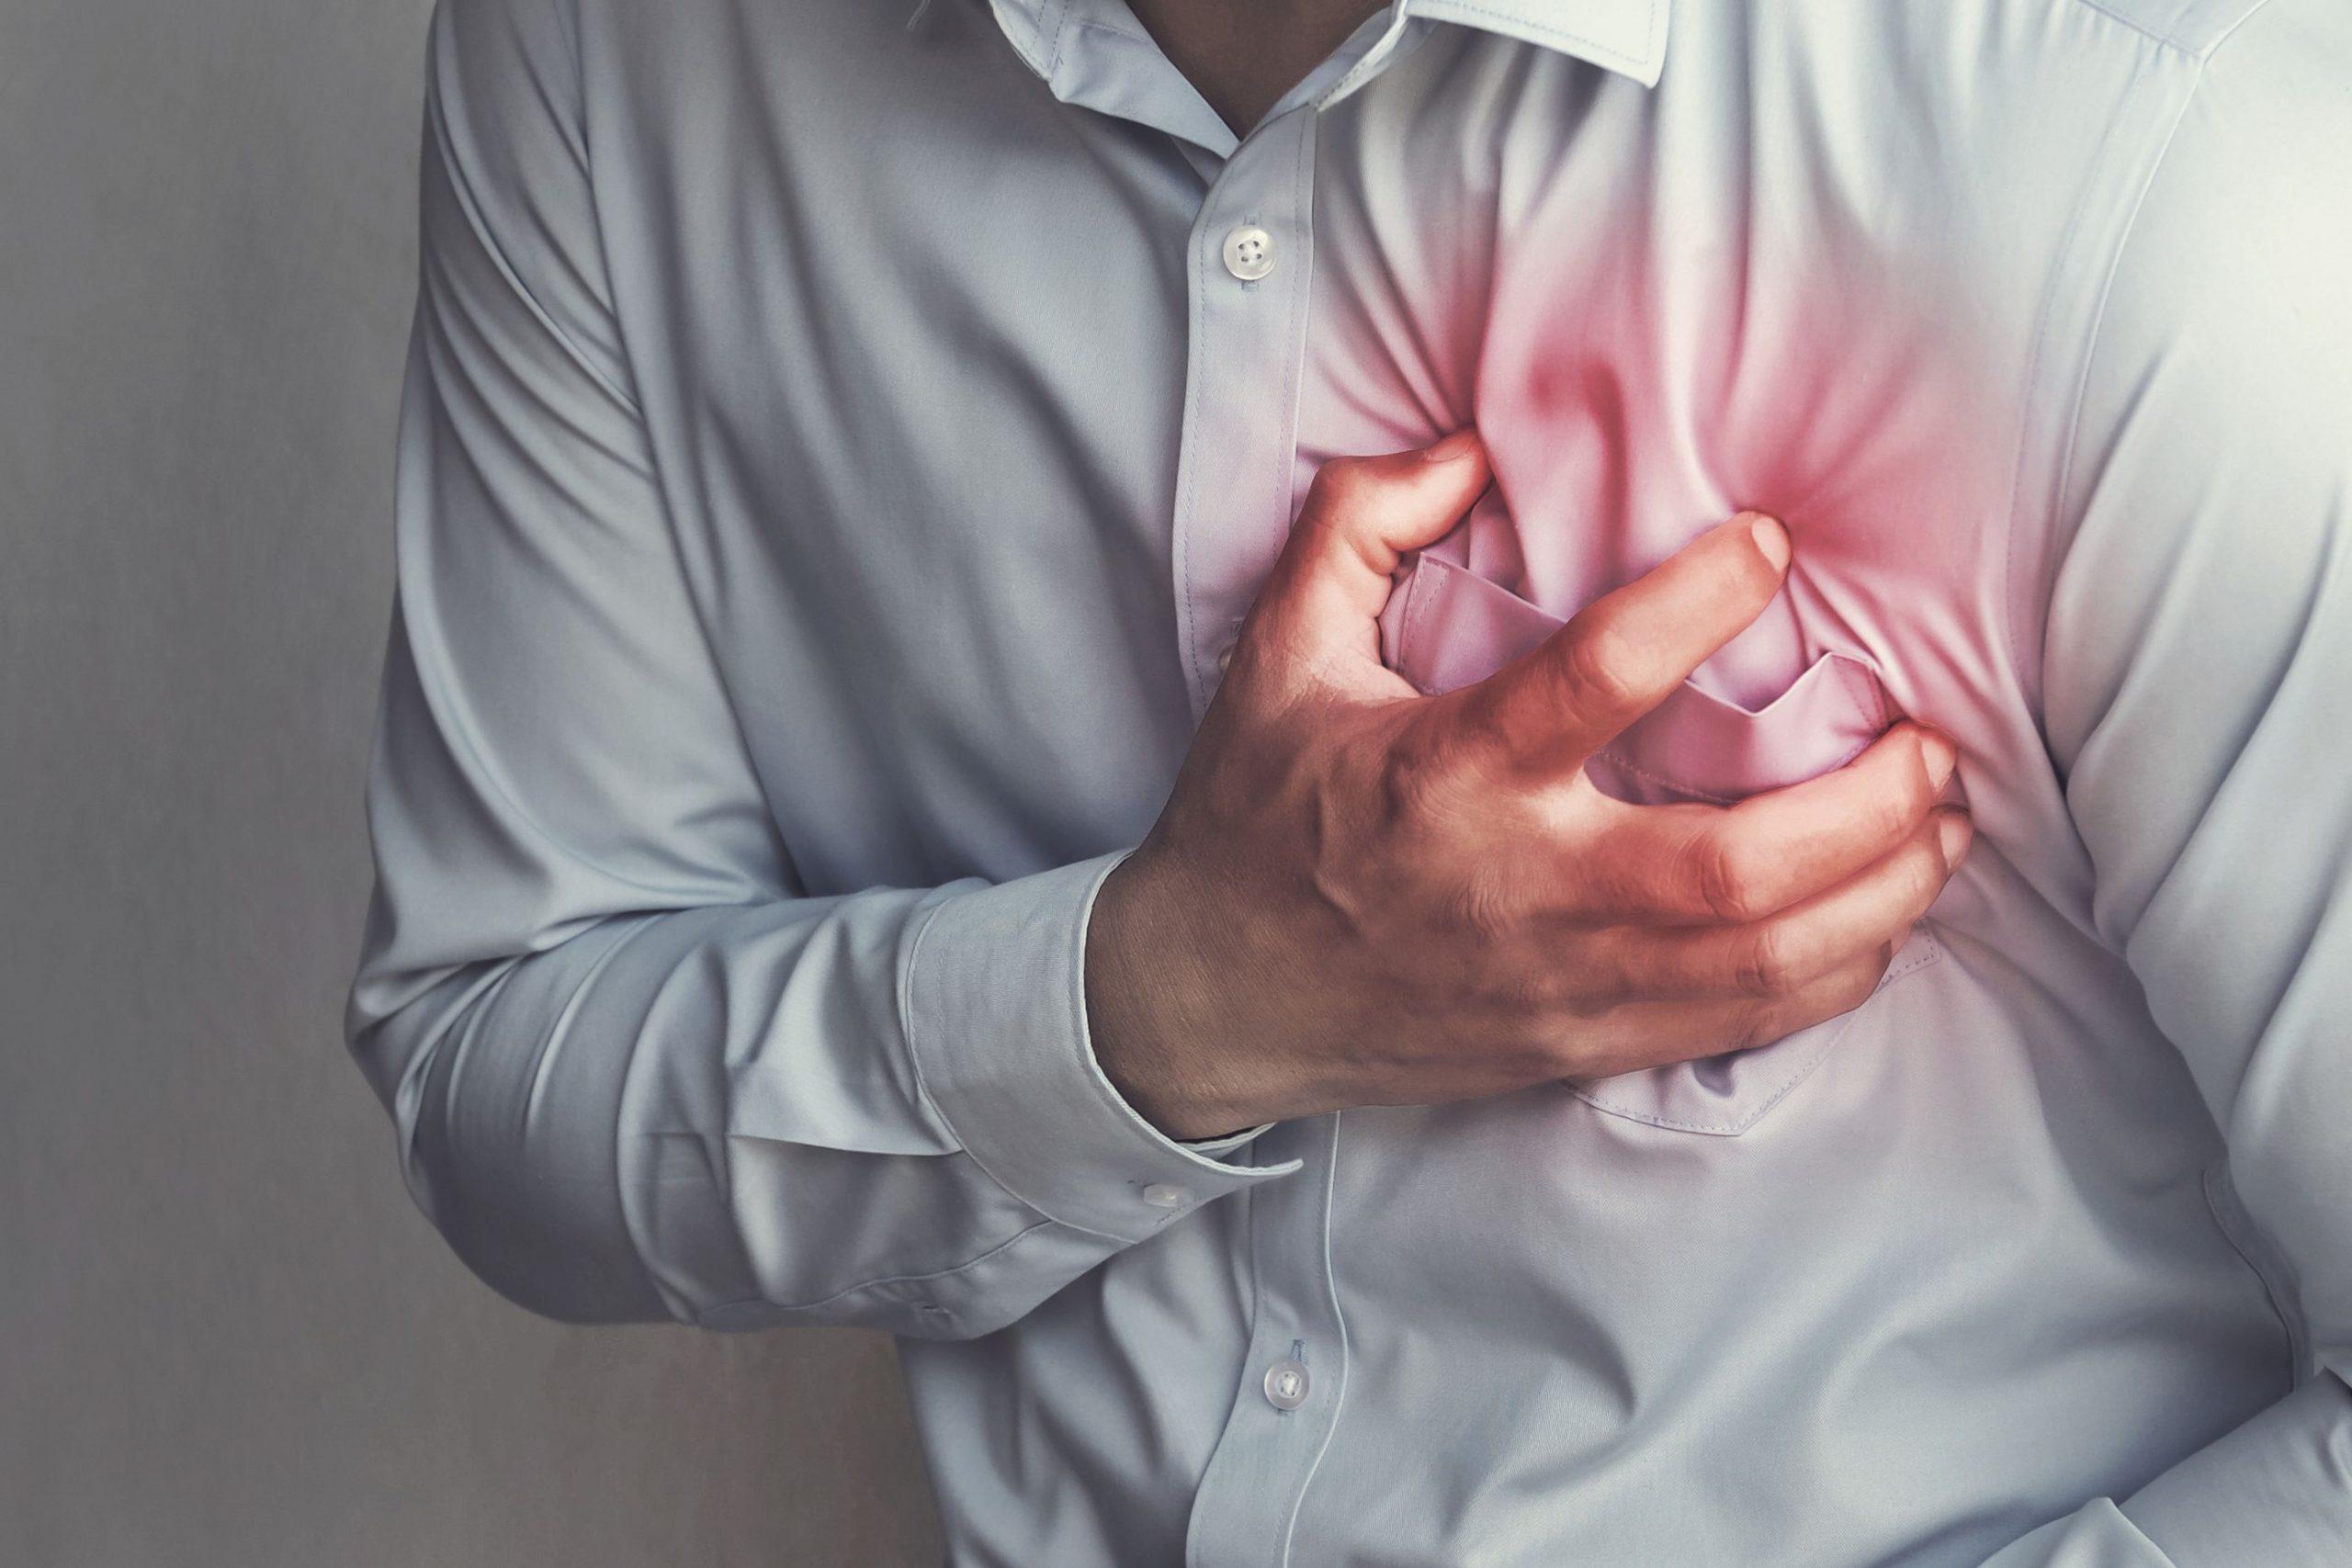 Los síntomas pocos conocidos que pueden avisar de un ataque al corazón